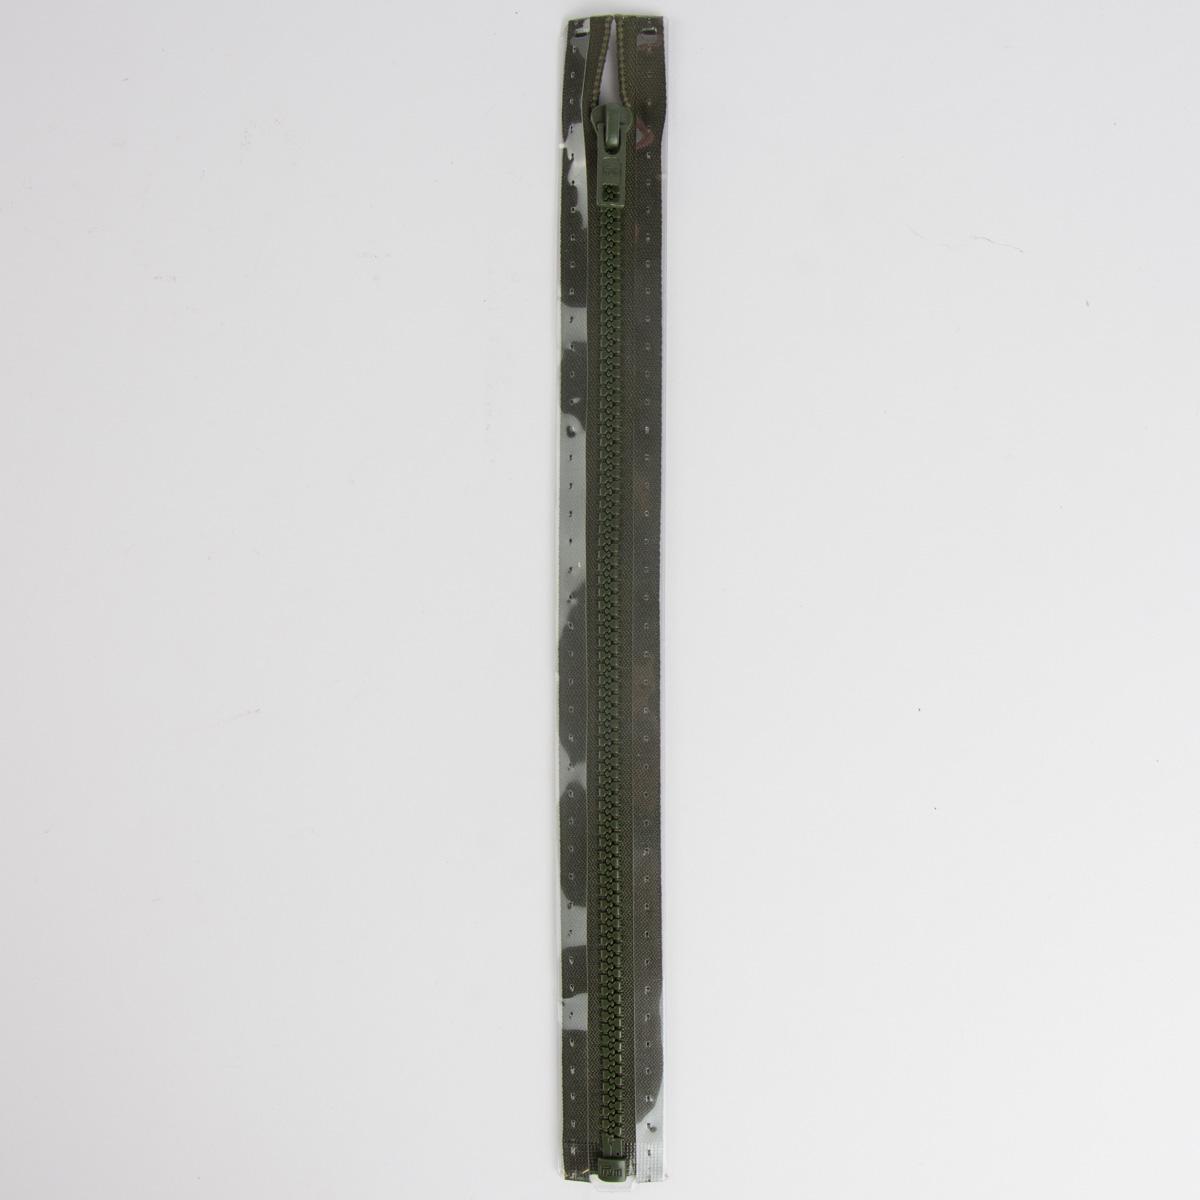 Reißverschluss S4 Profil tb 70 cm Fla br-oliv